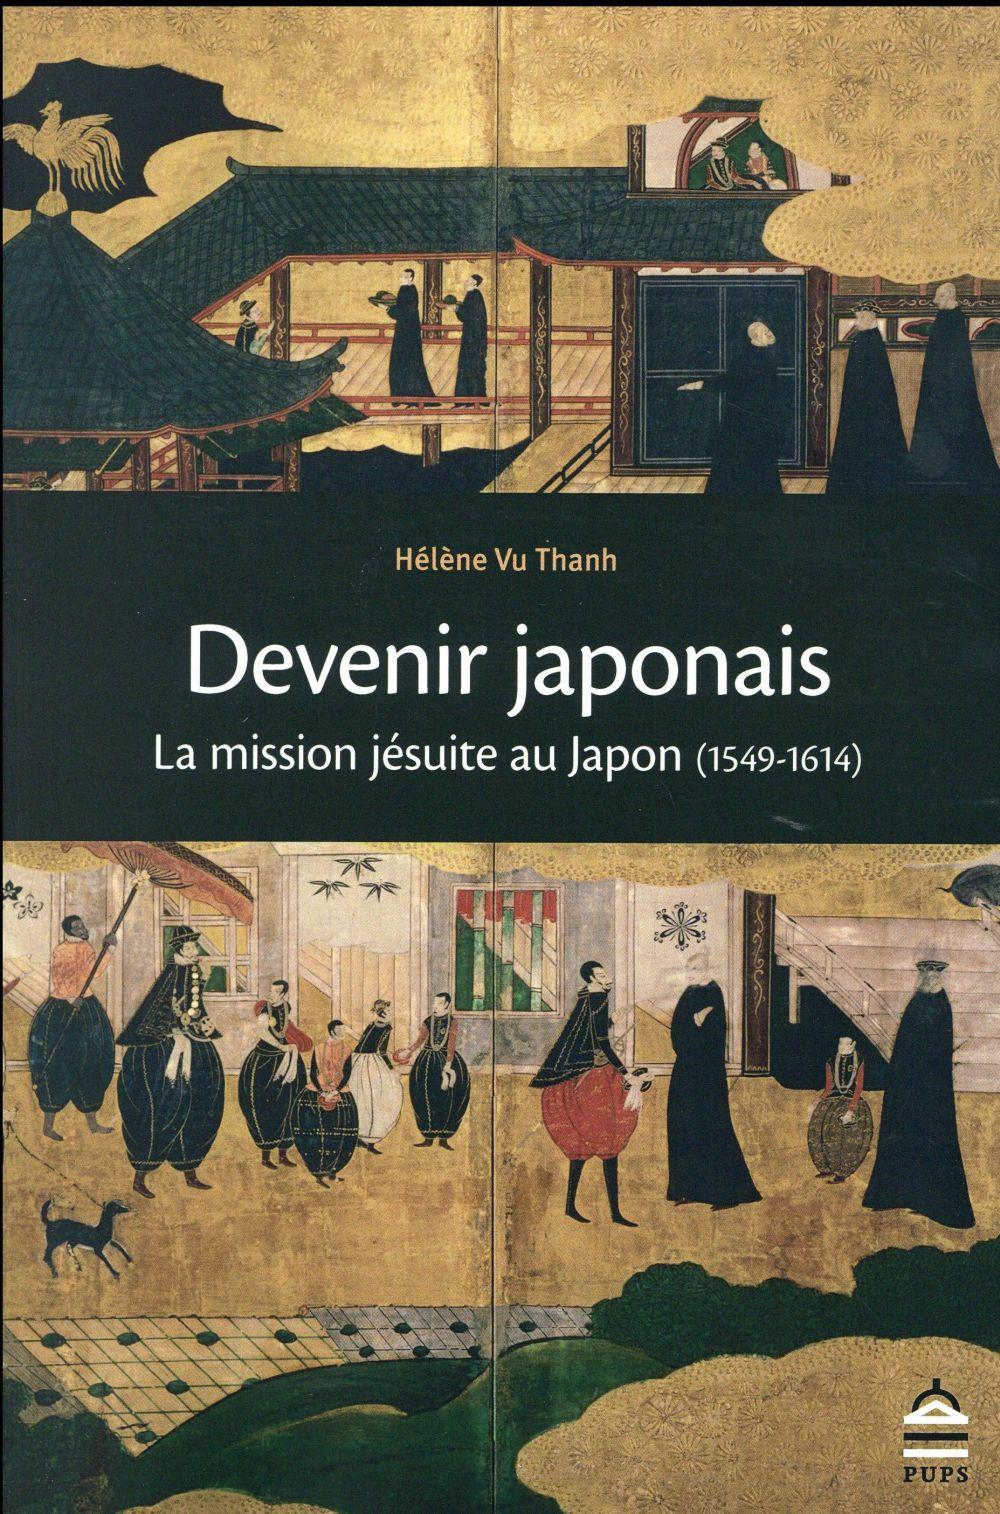 DEVENIR JAPONAIS LA MISSION JESUITE AU JAPON 1549-1614